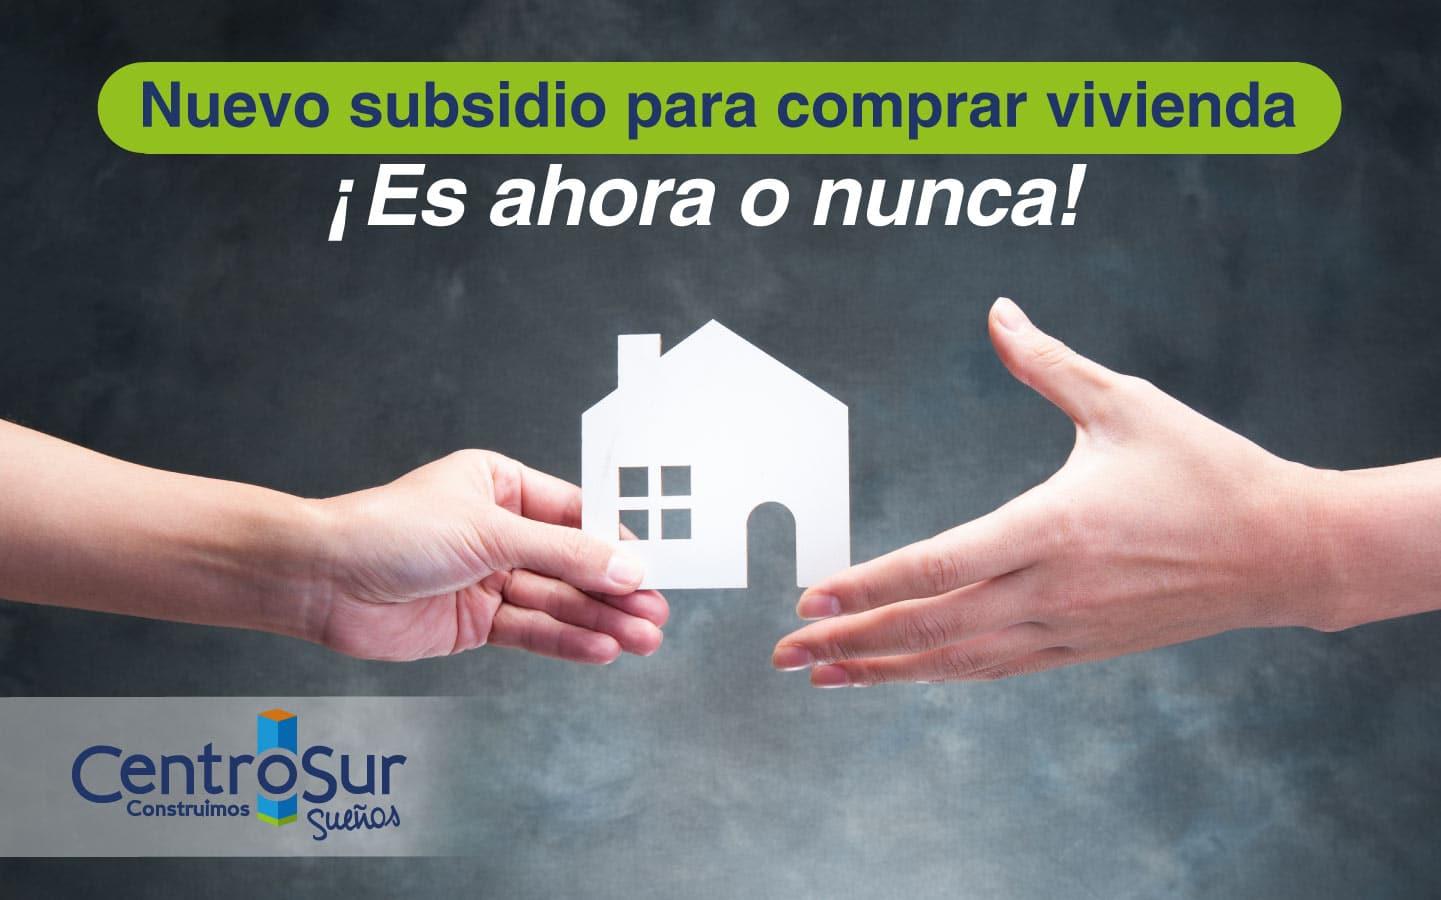 Nuevo subsidio para compra de vivienda. Es ahora o nunca